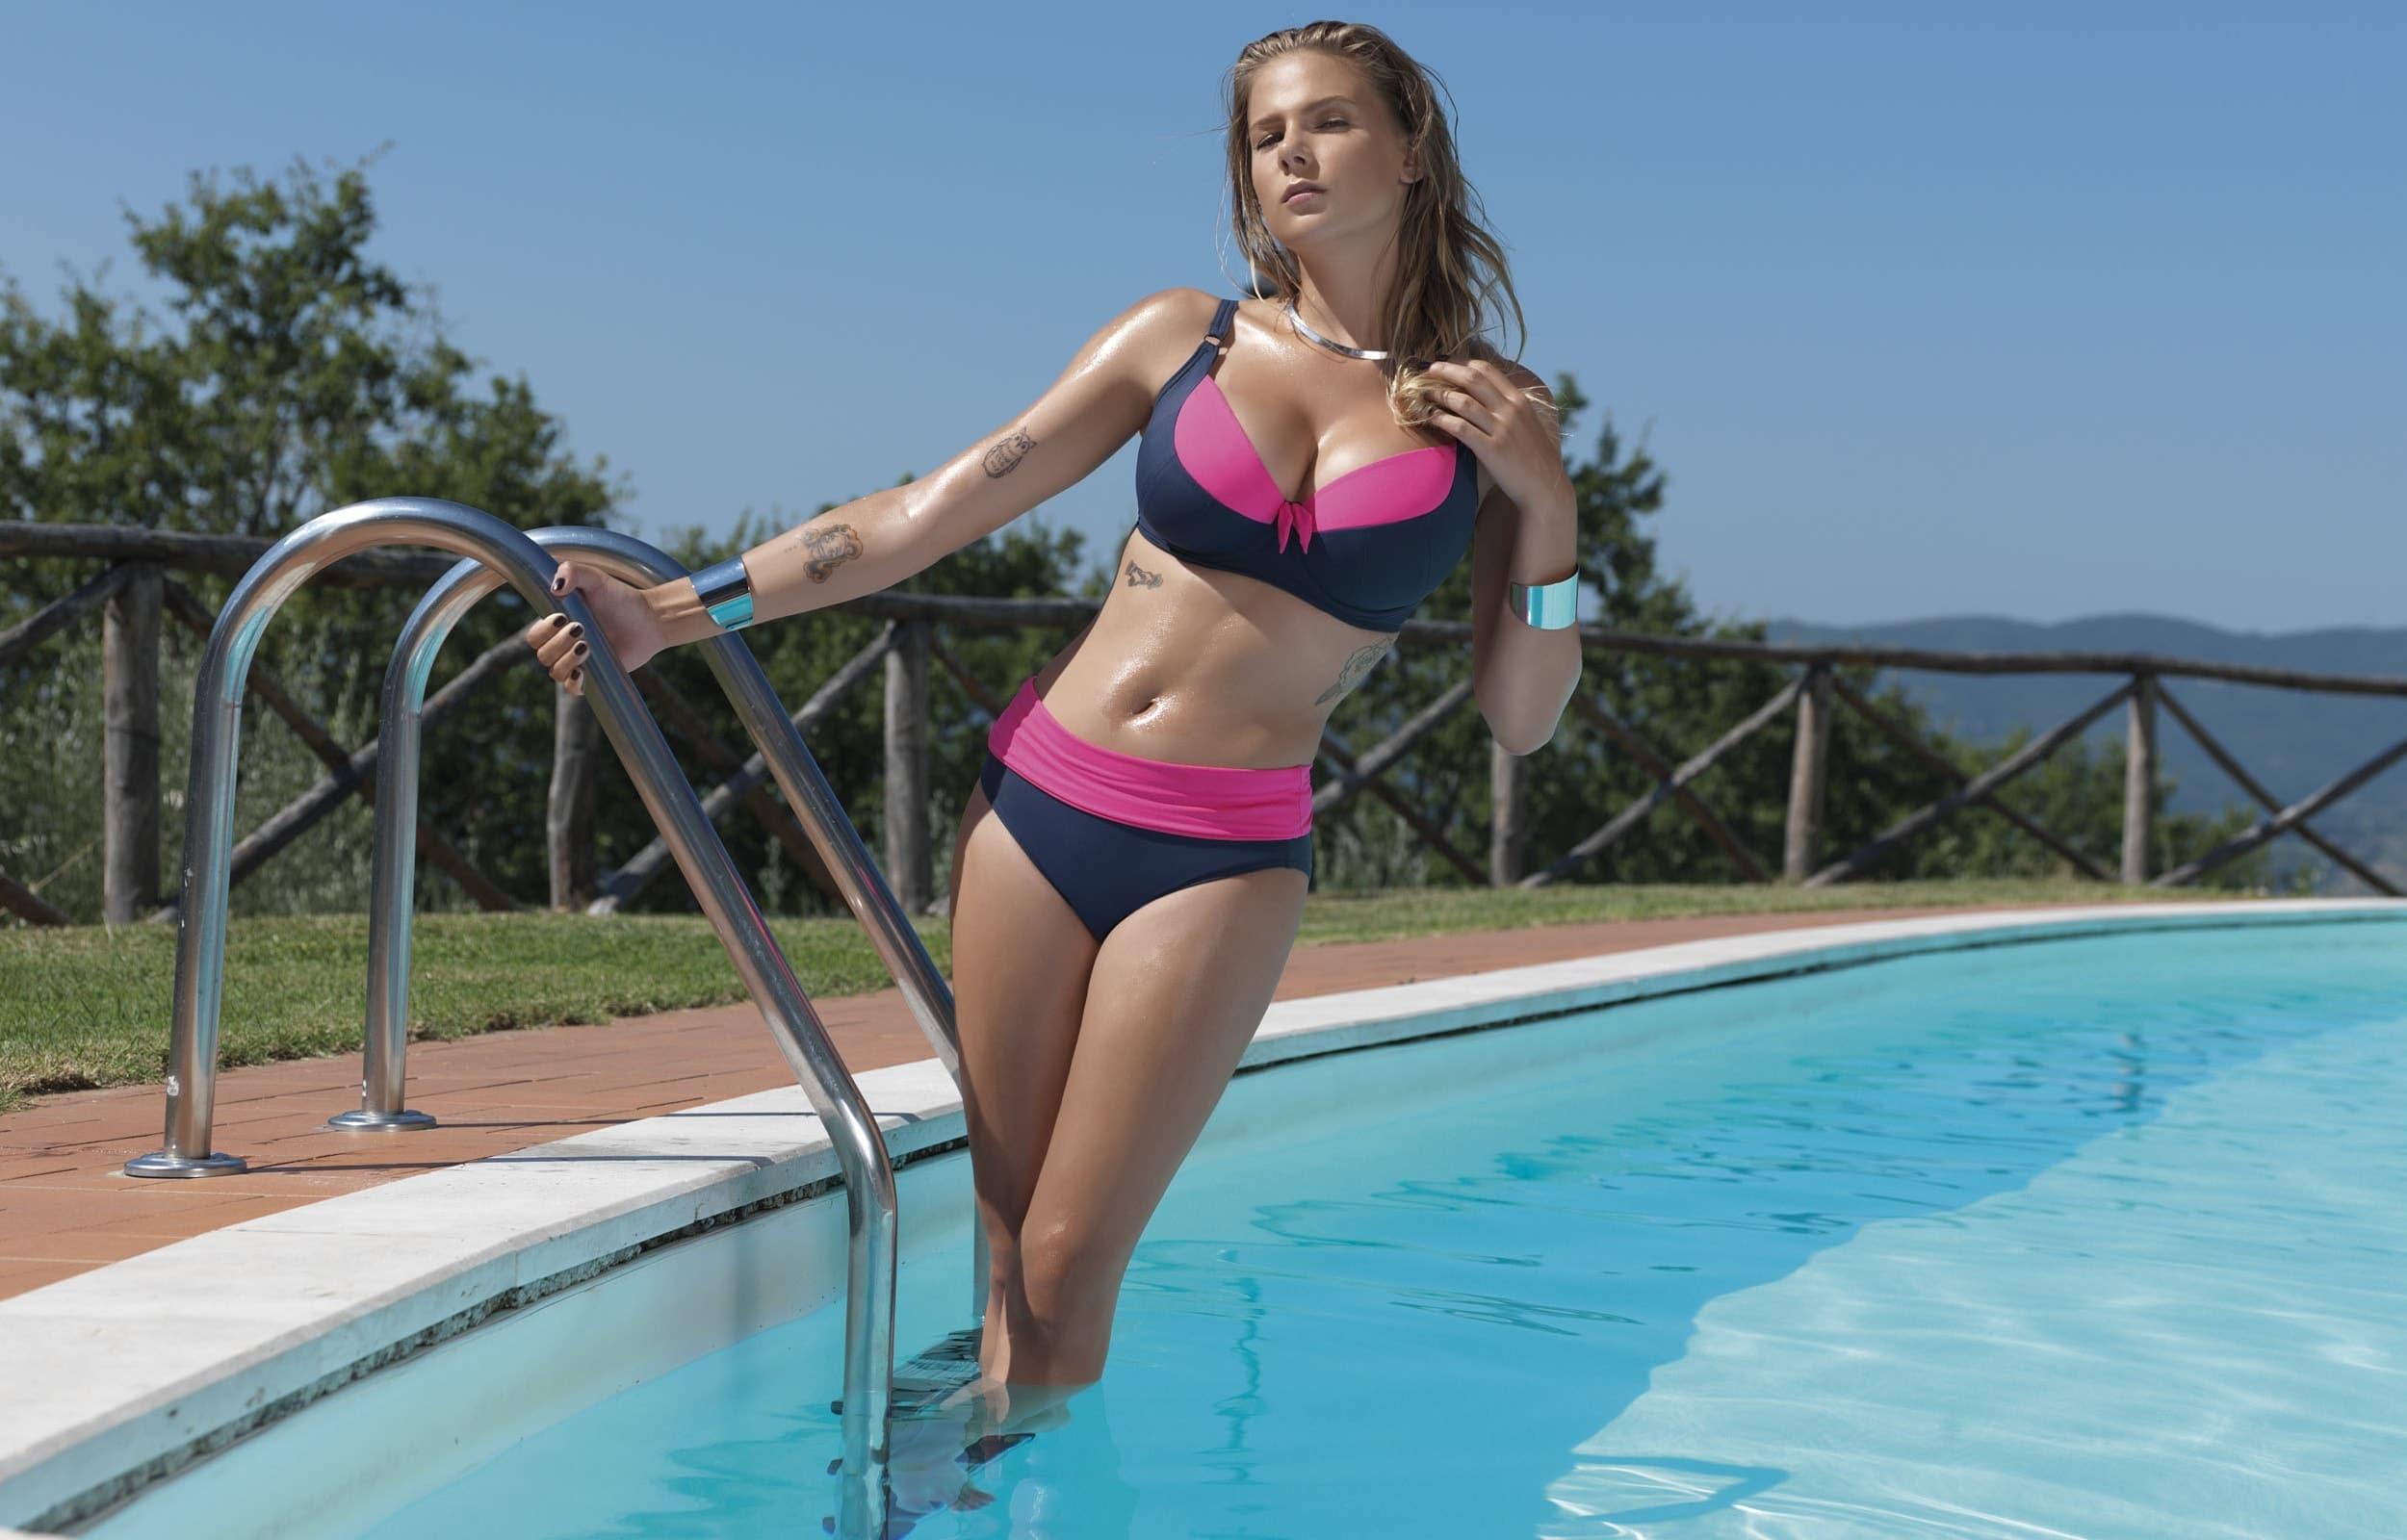 Плавание без тампона может привести к неприятной ситуации во время месячных